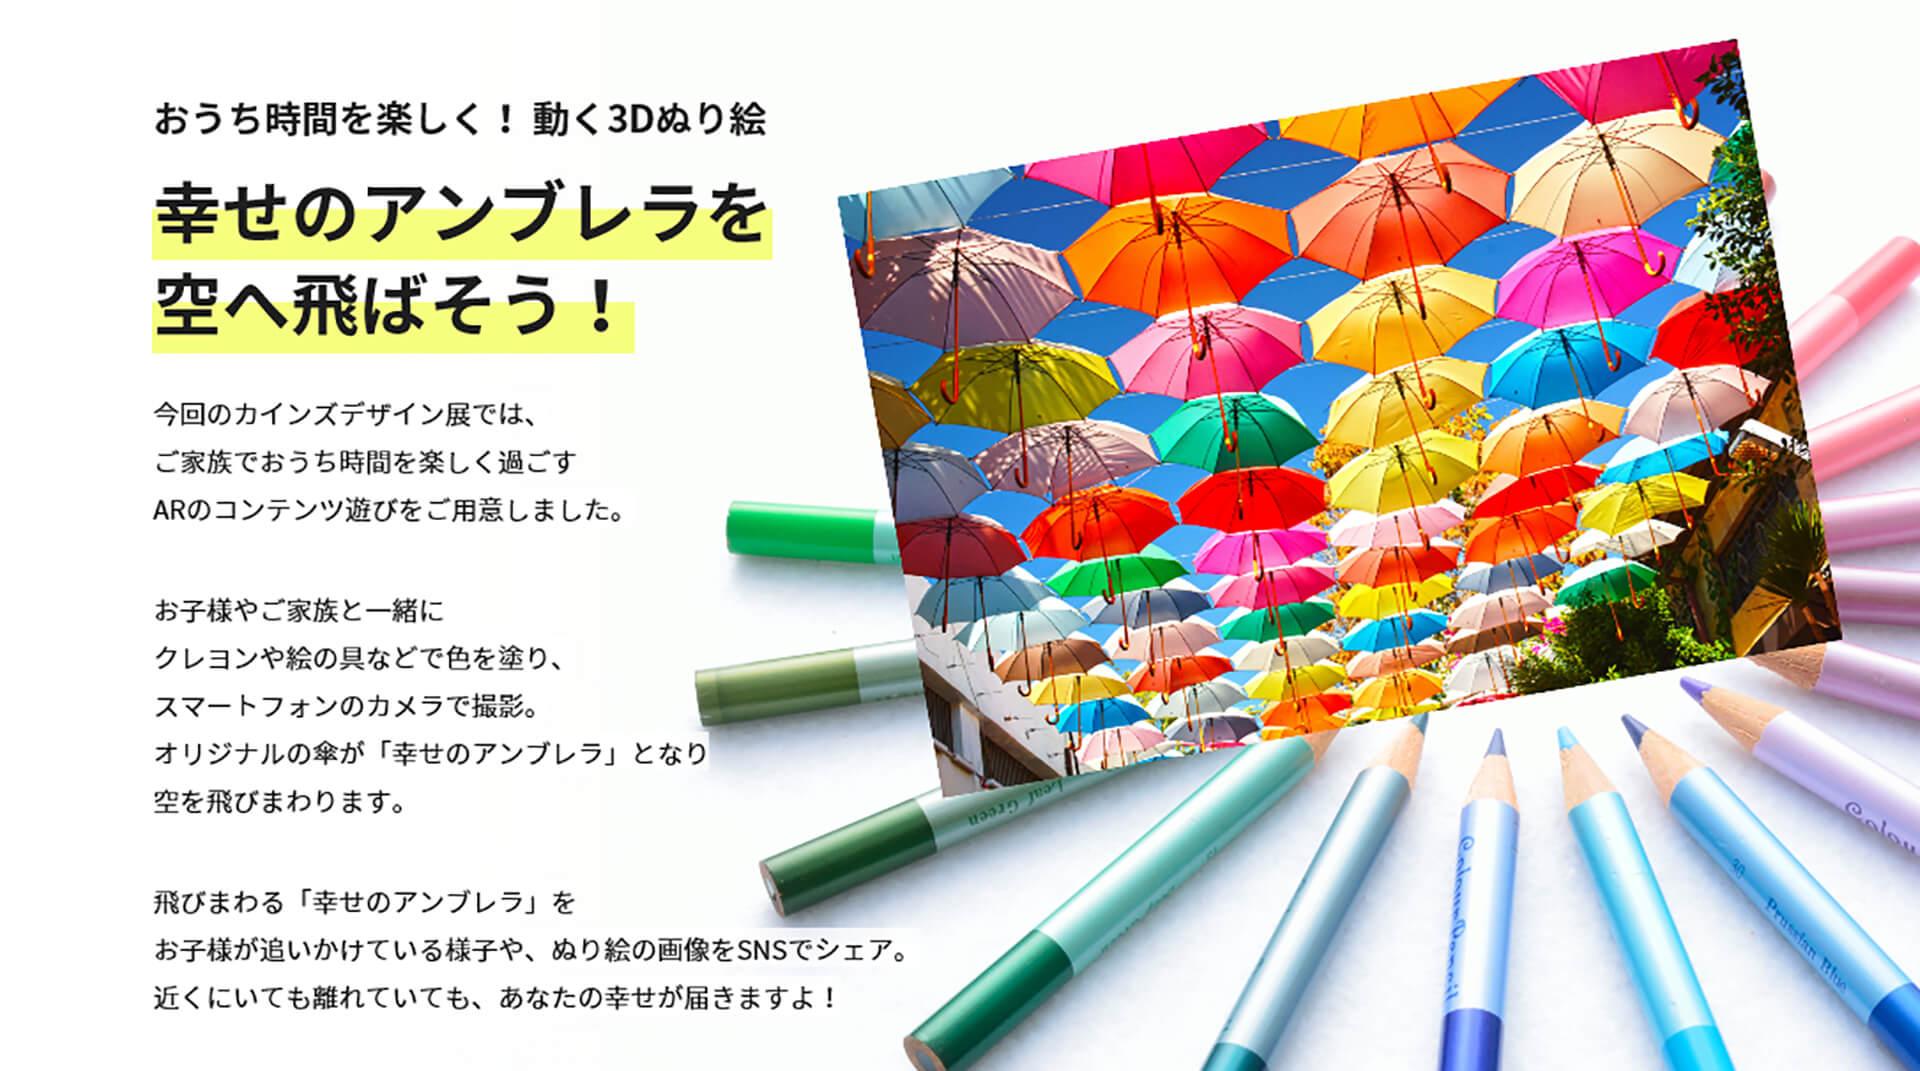 カインズデザイン展 Vol.5